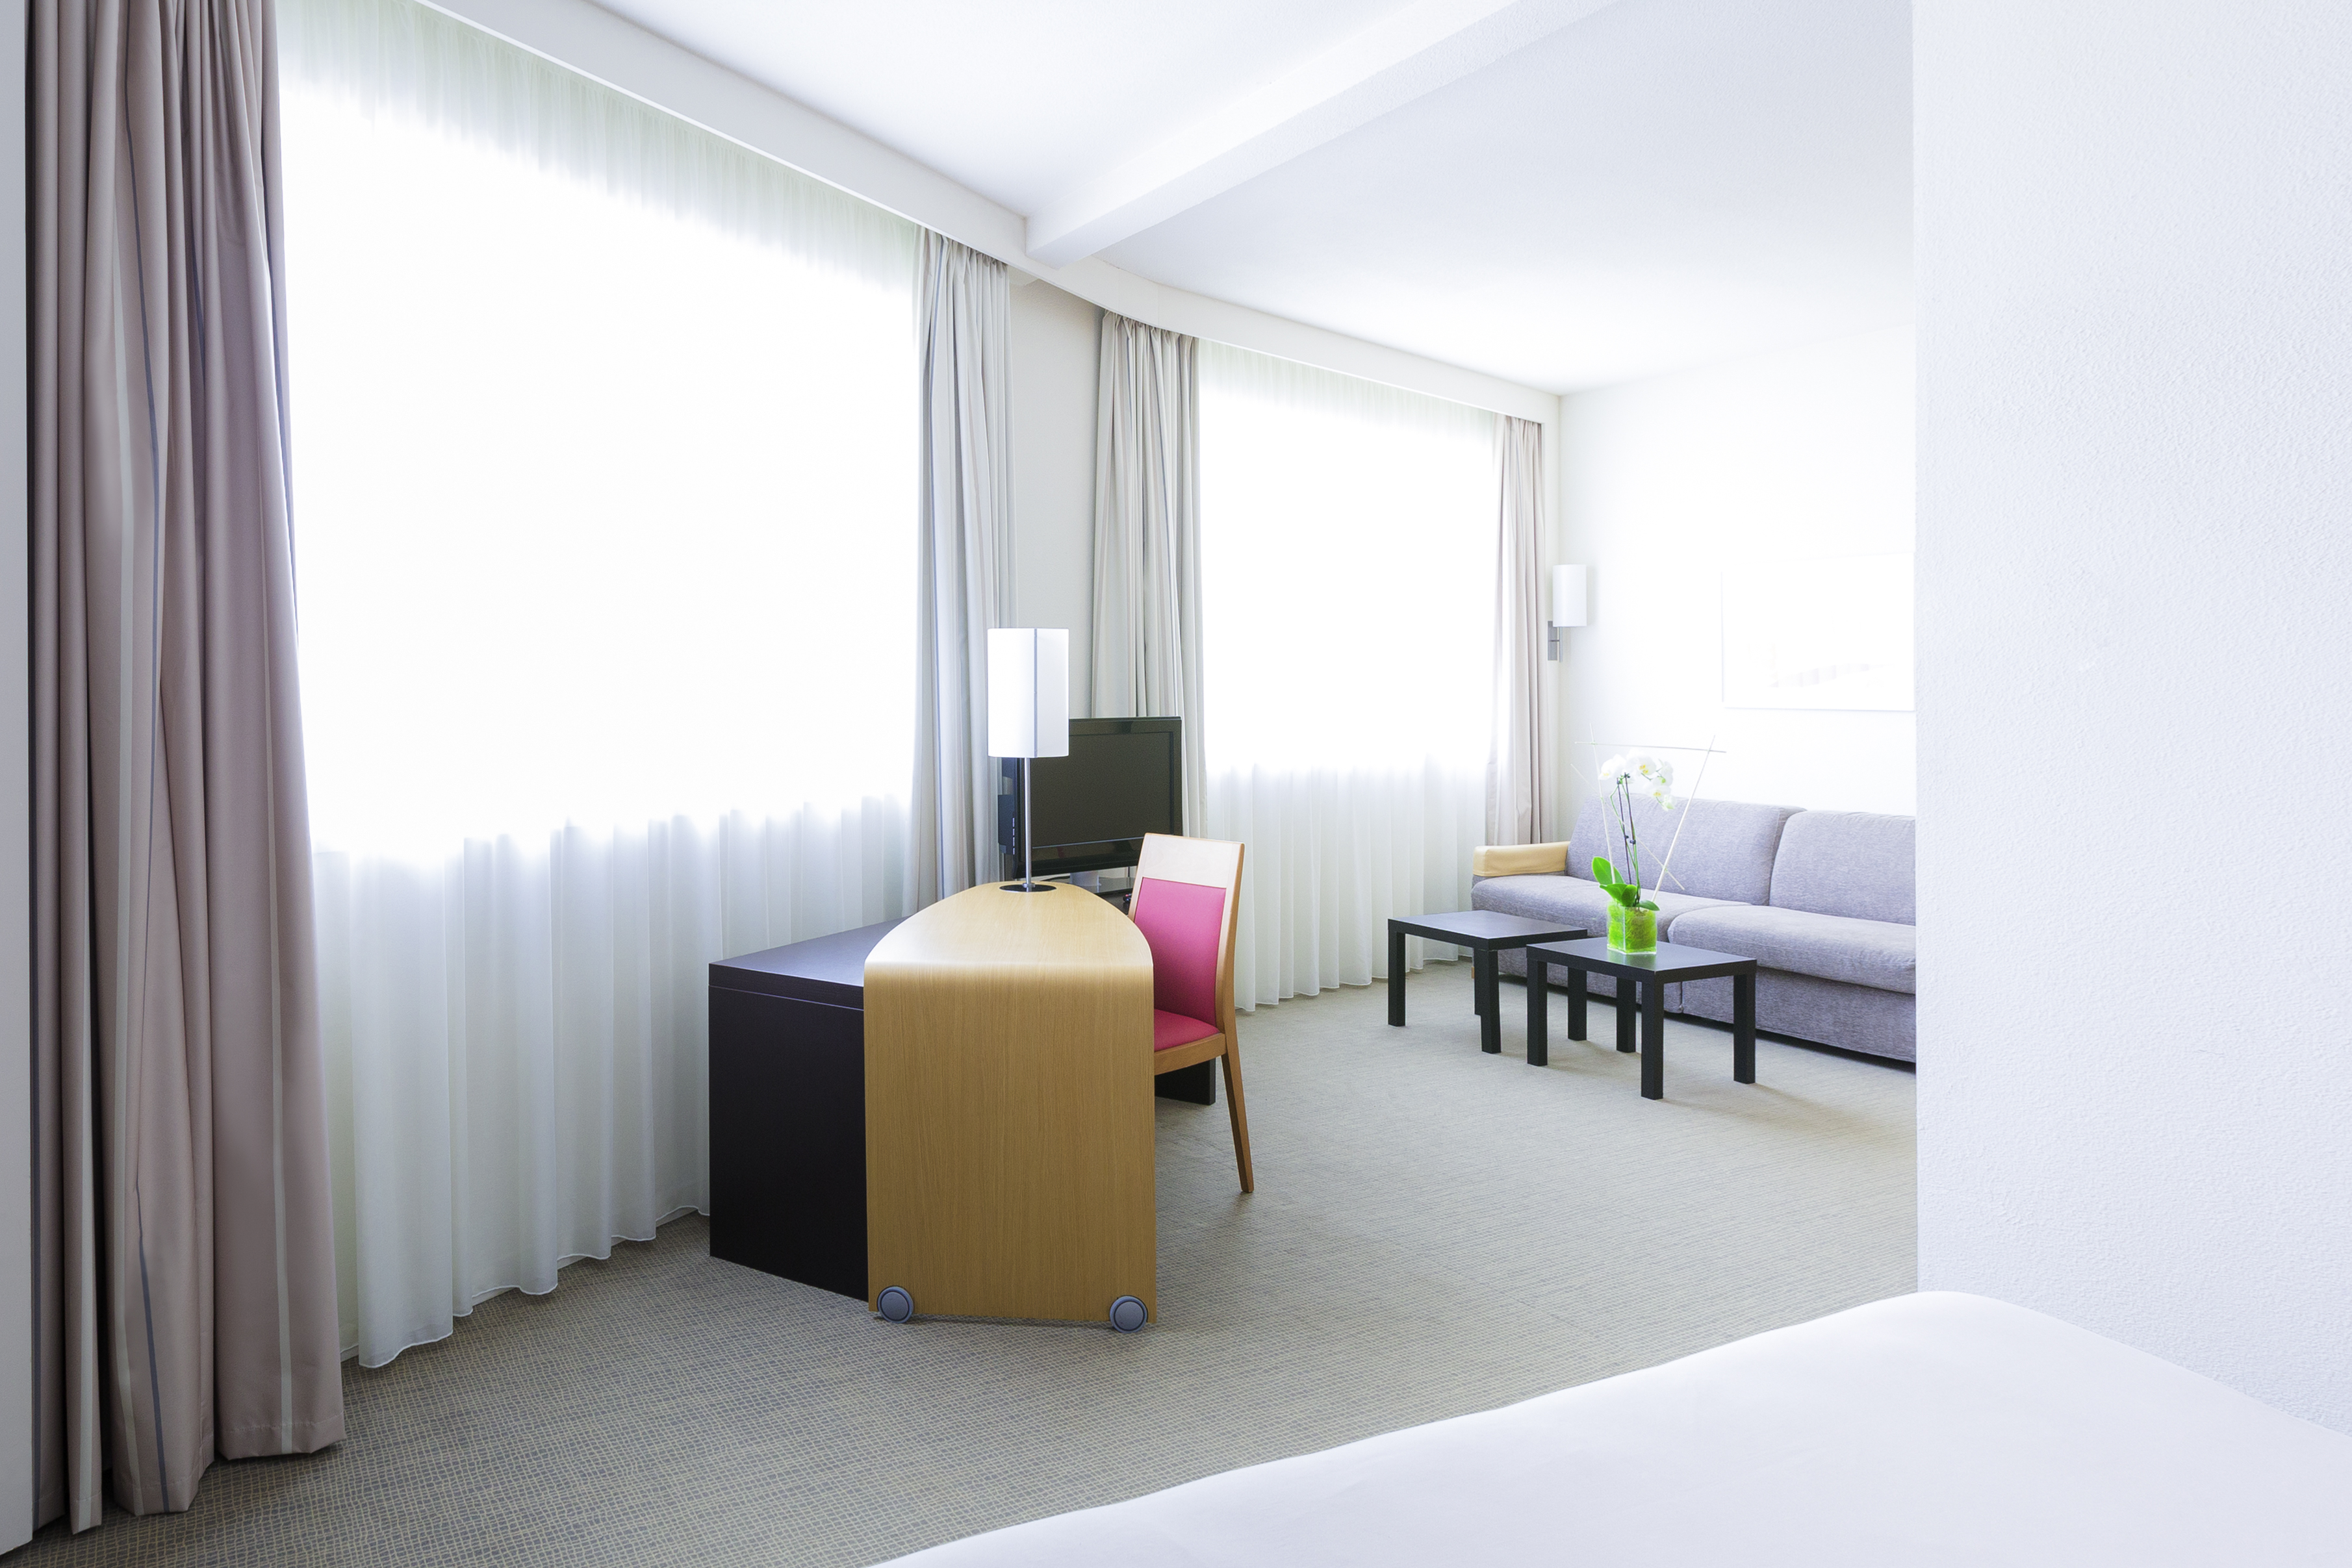 hotels de chasseneuil du poitou office de tourisme de chasseneuil. Black Bedroom Furniture Sets. Home Design Ideas